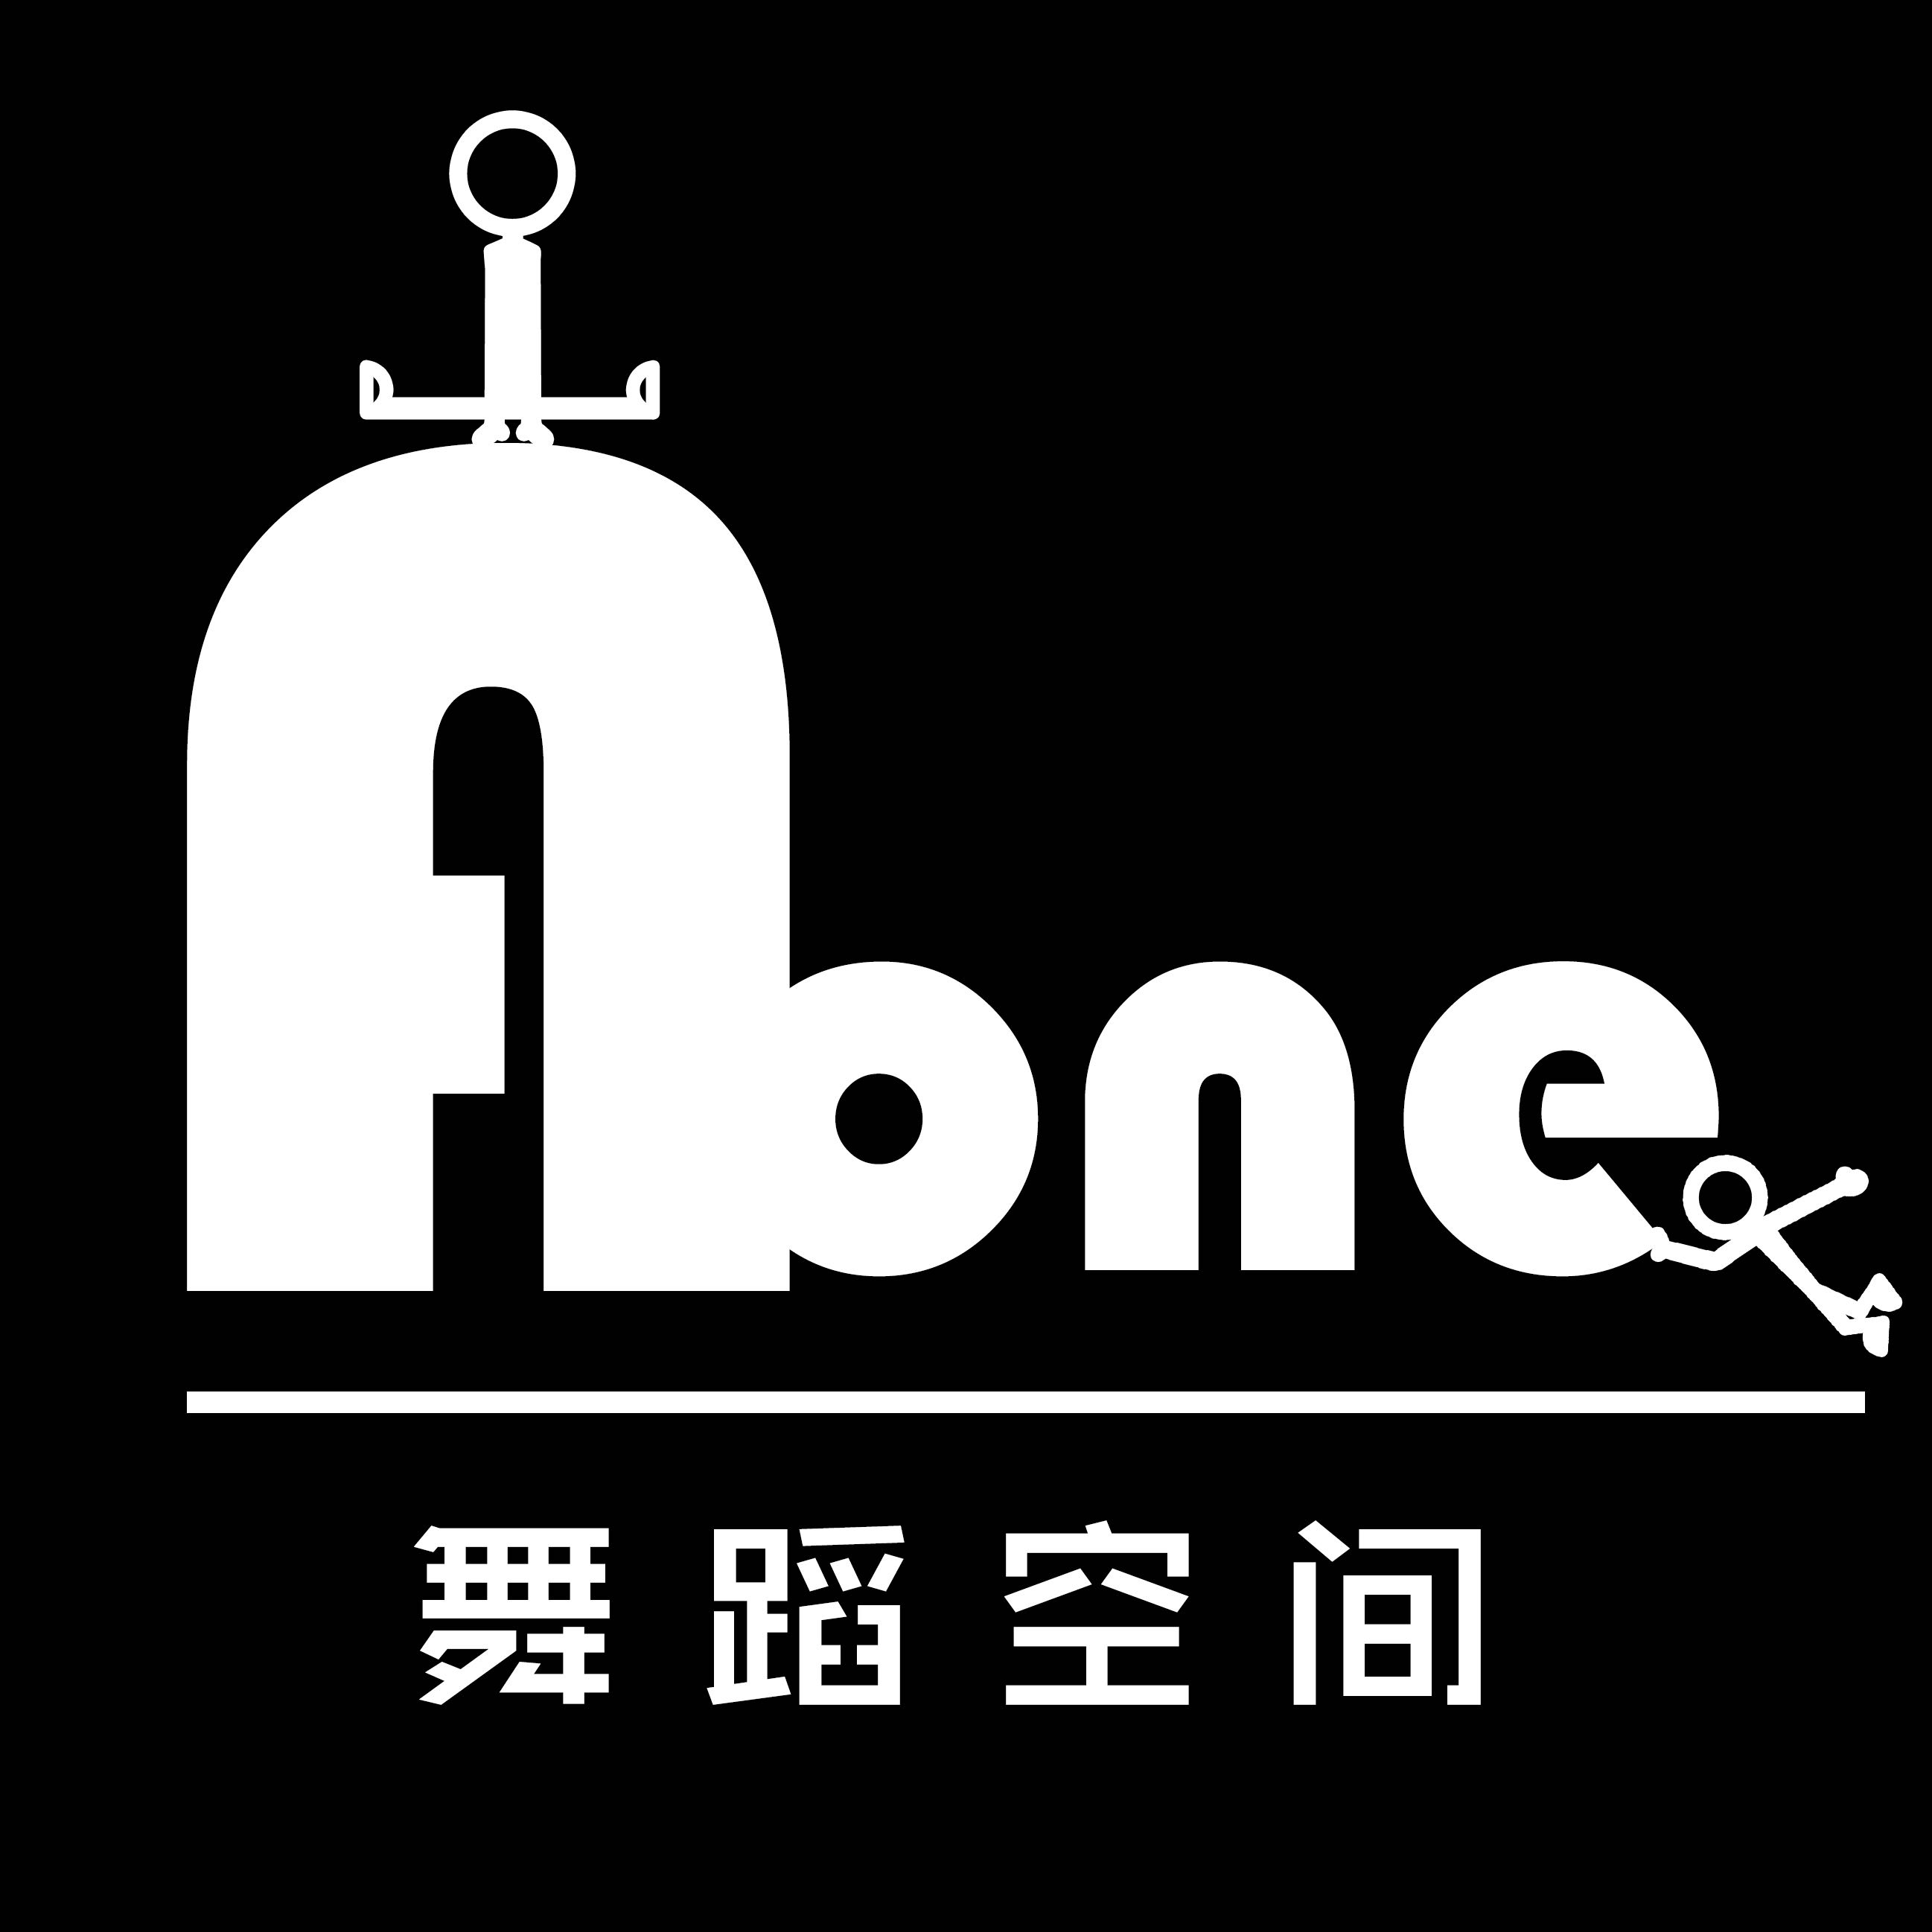 自贡高新区爱文艺术培训学校有限公司